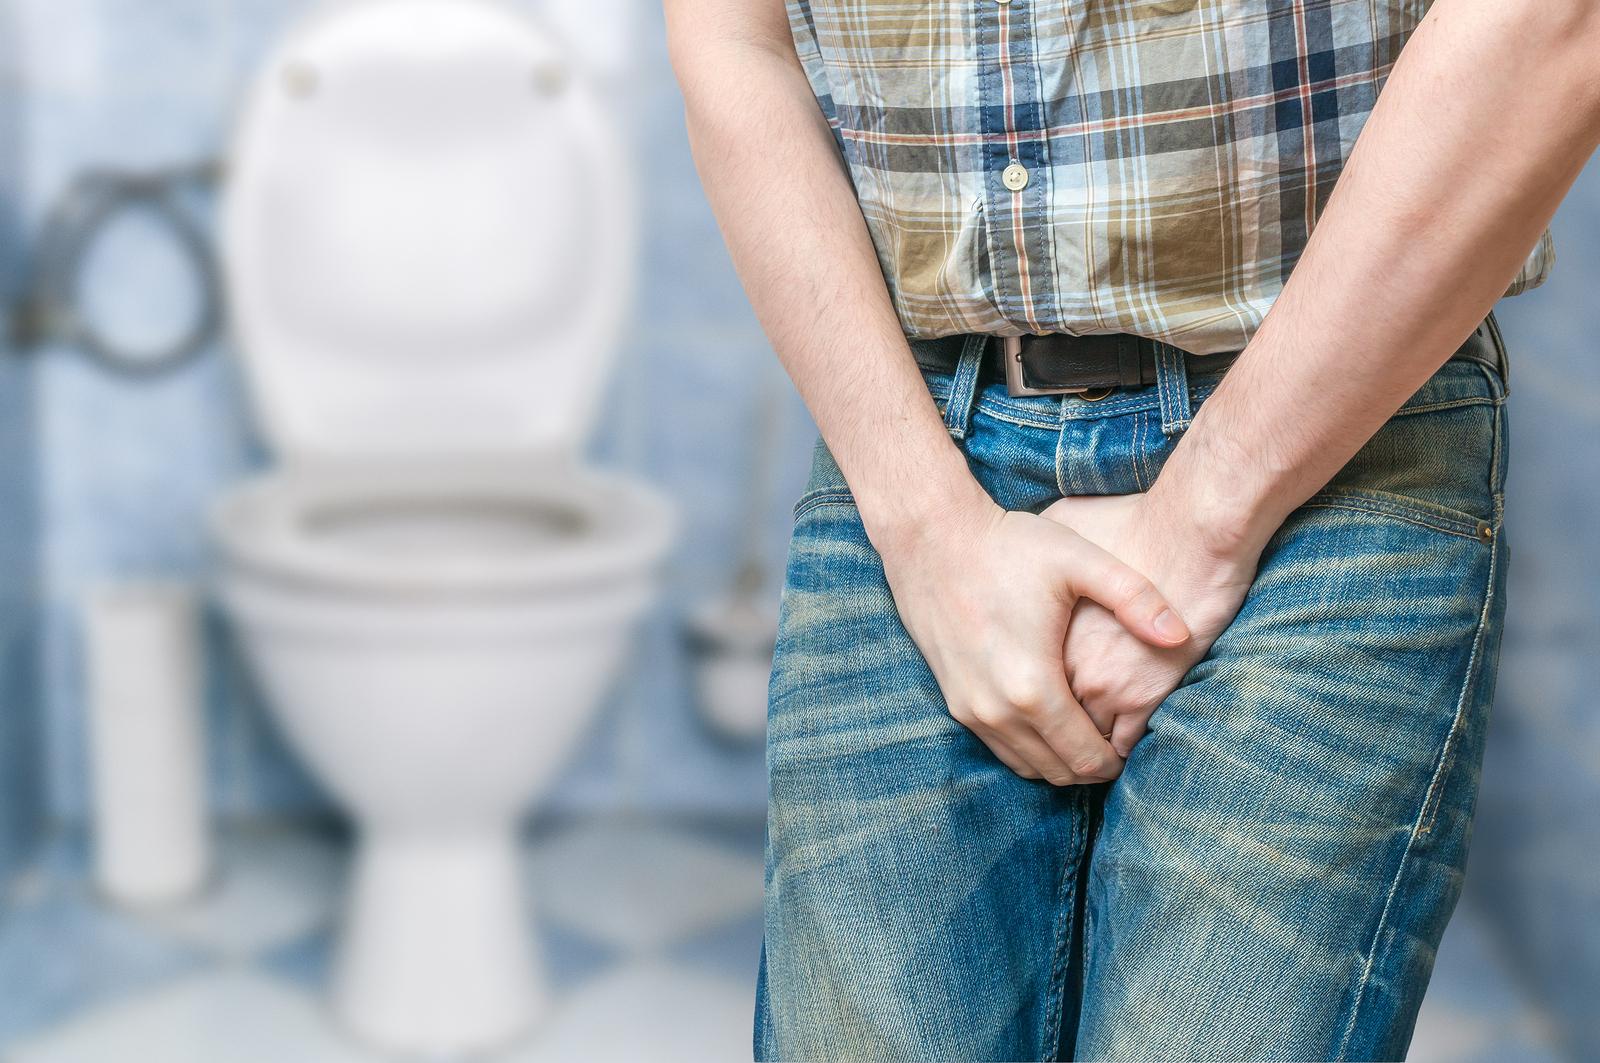 niewydolność nerek objawy przyczyny leczenie